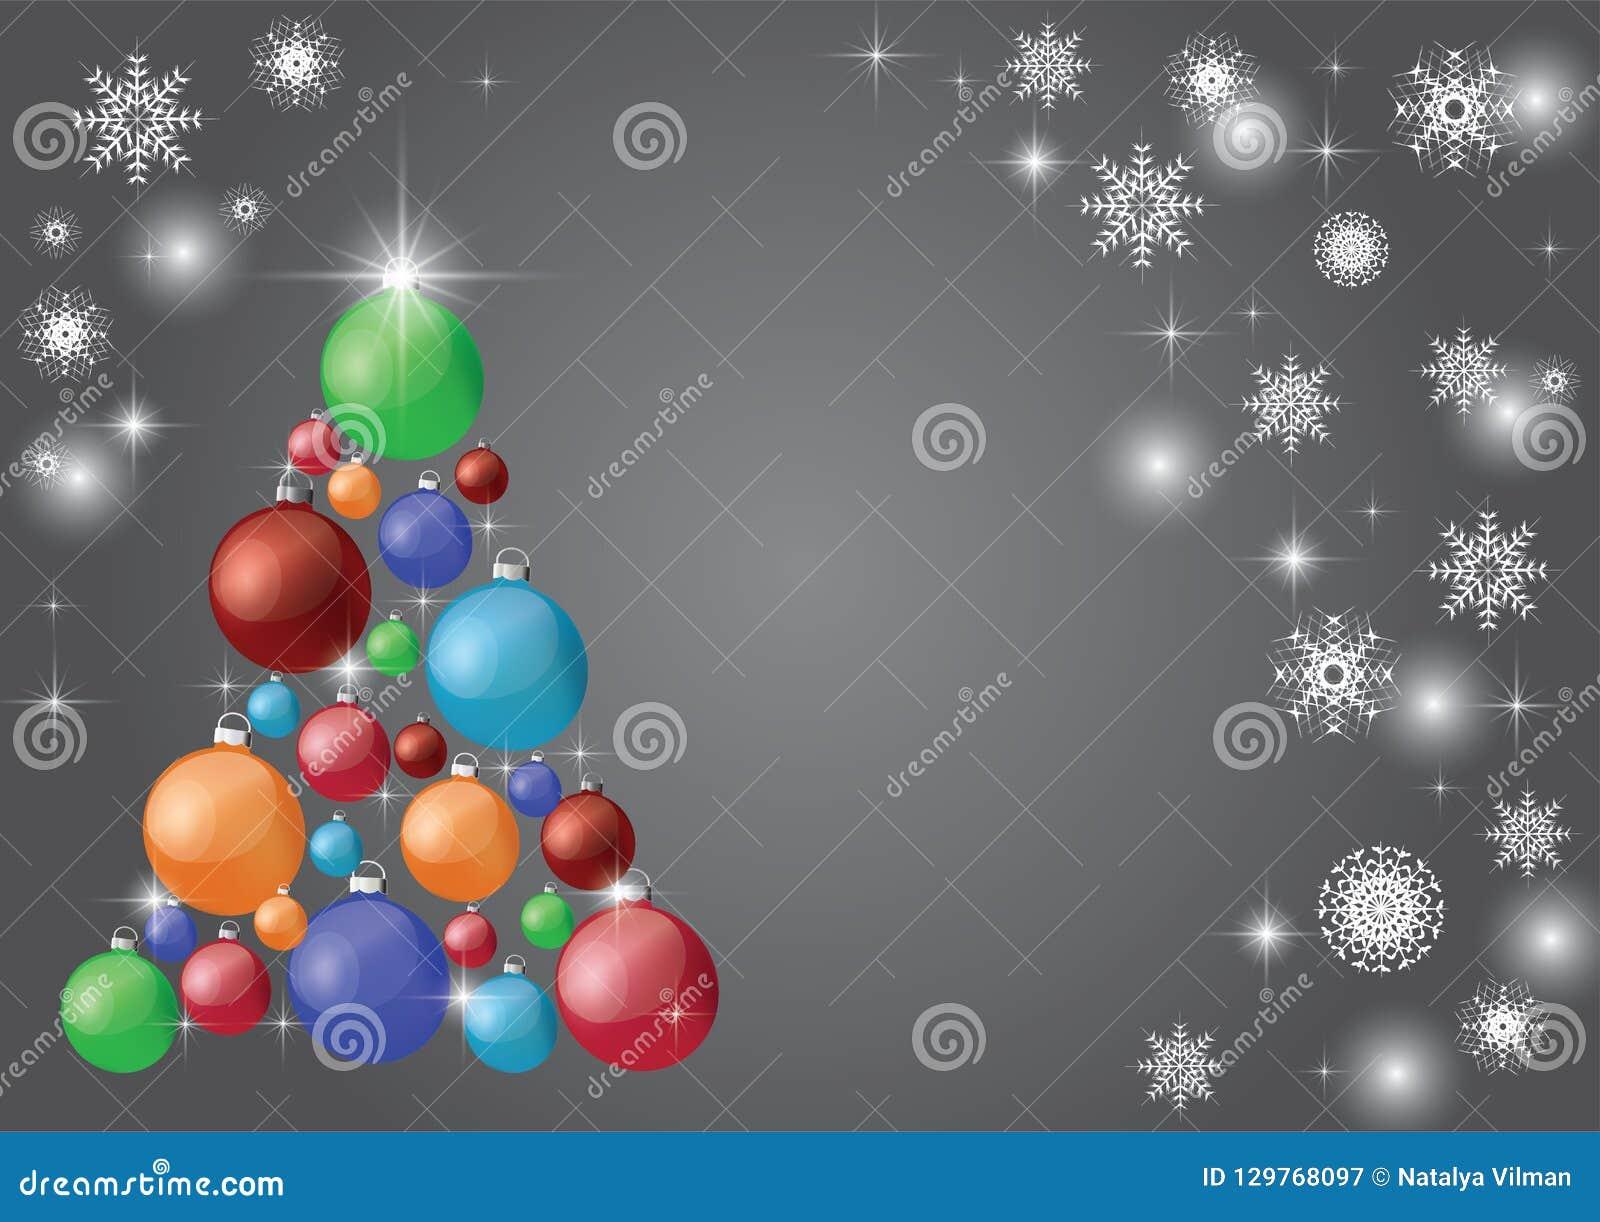 Όμορφο σύγχρονο χριστουγεννιάτικο δέντρο με τις σφαίρες σε ένα γκρίζο υπόβαθρο